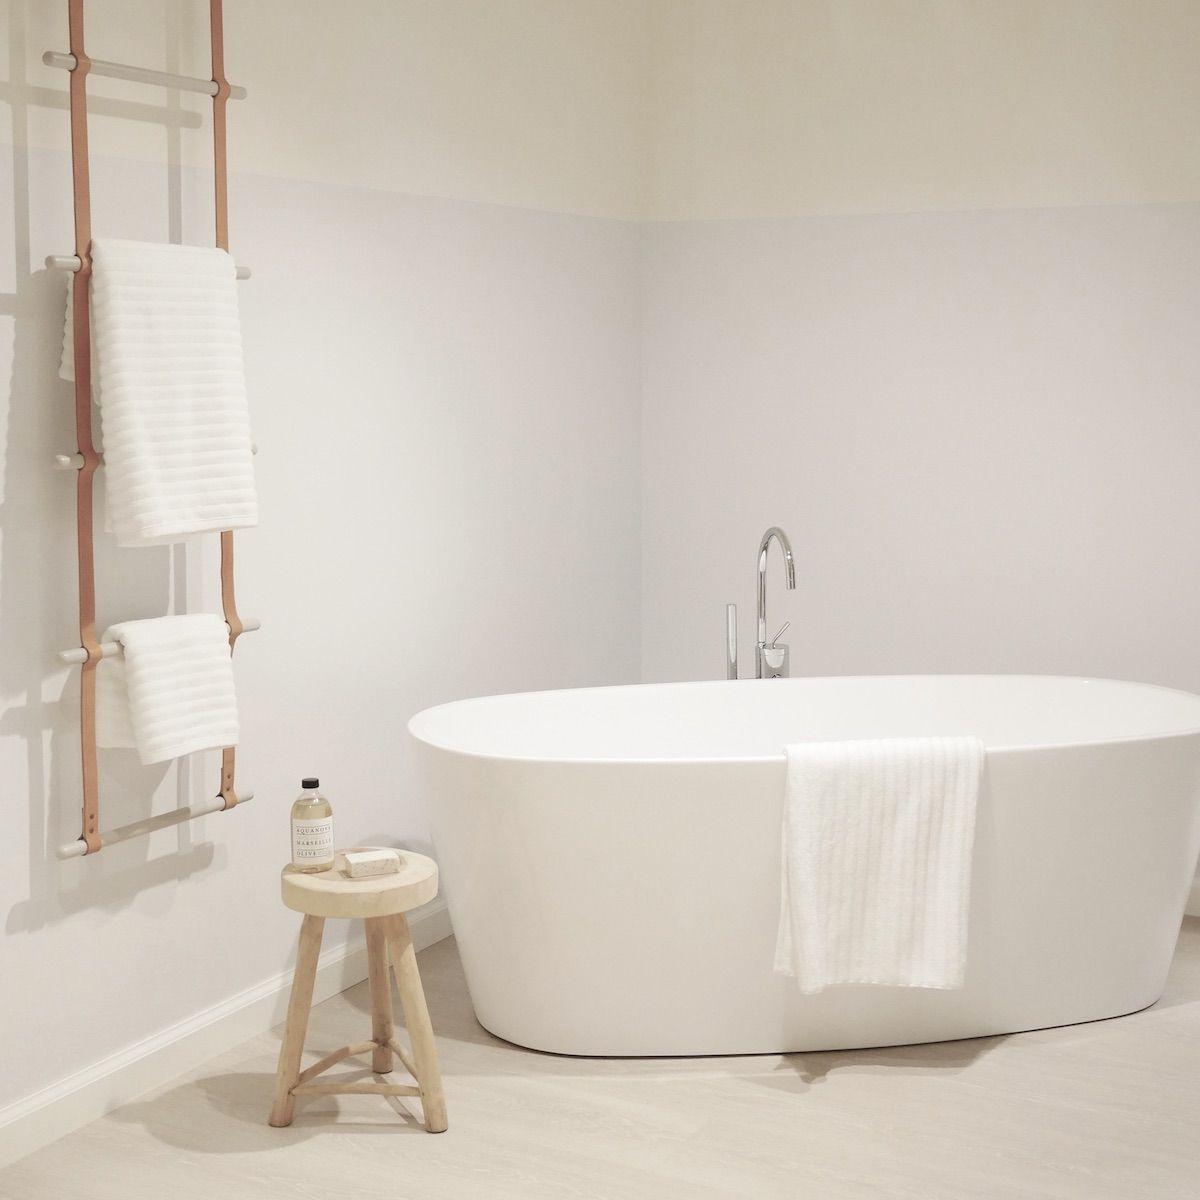 salle de bain minimaliste baignoire ilot blanche mate hygge slow life